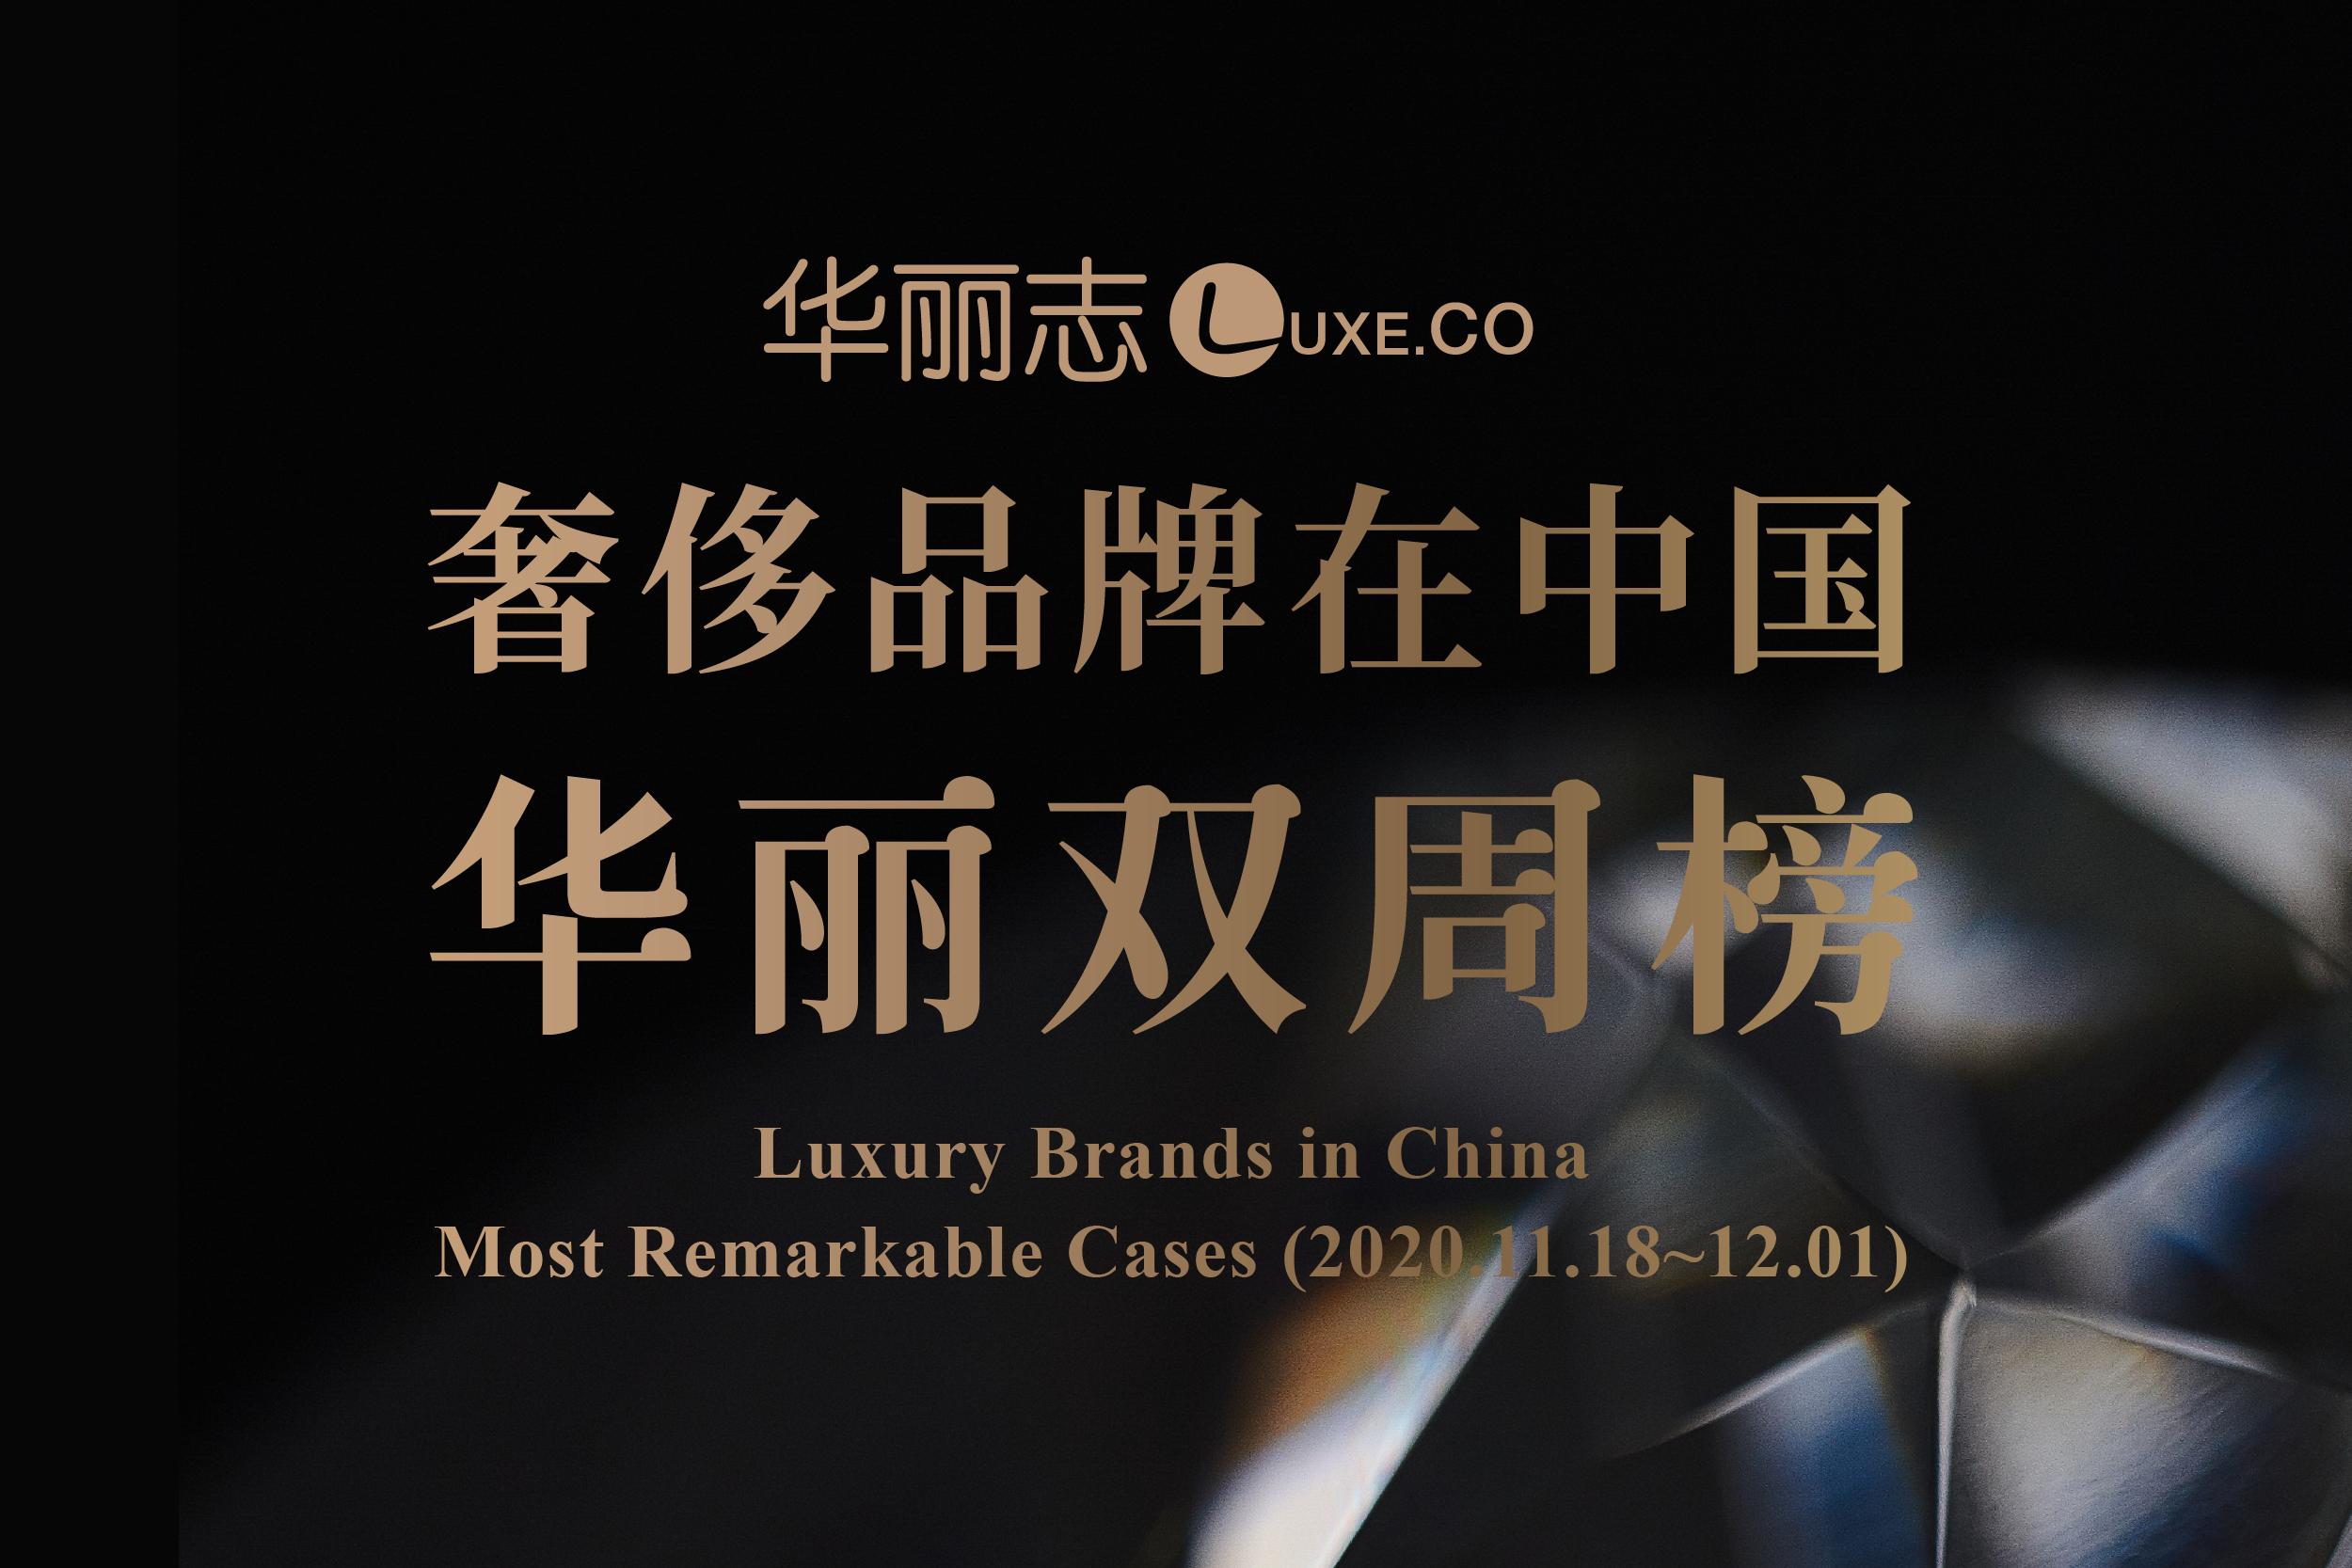 11月下旬,这四家奢侈品牌在中国的动作最值得关注 |【华丽双周榜】第14期